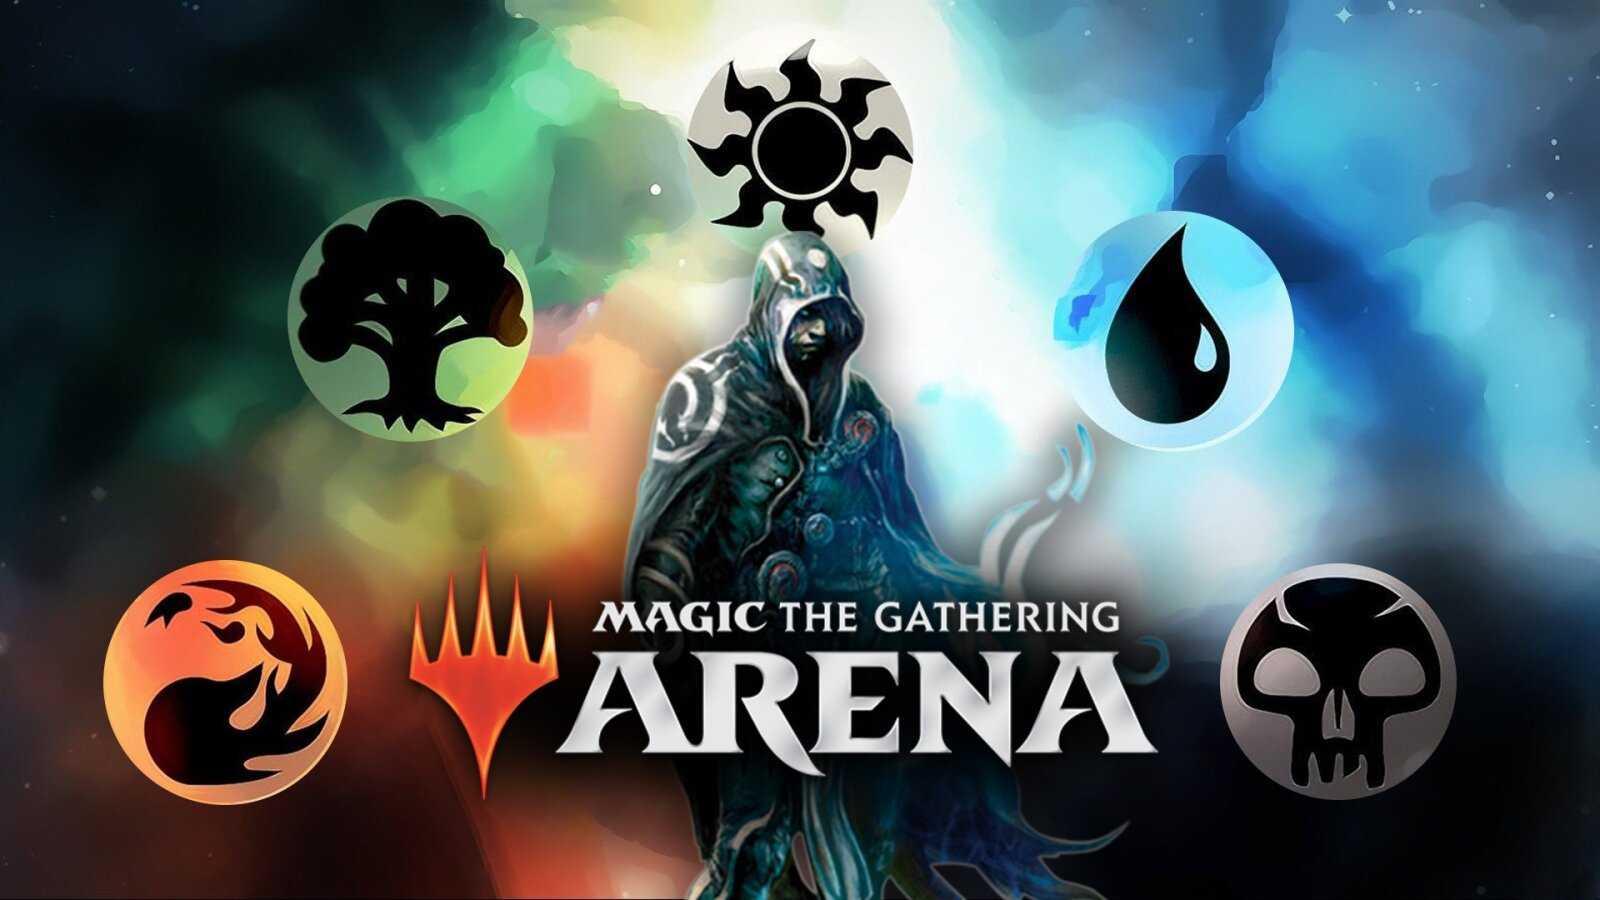 Vous pouvez maintenant jouer à Magic: The Gathering Arena sur votre mobile Android